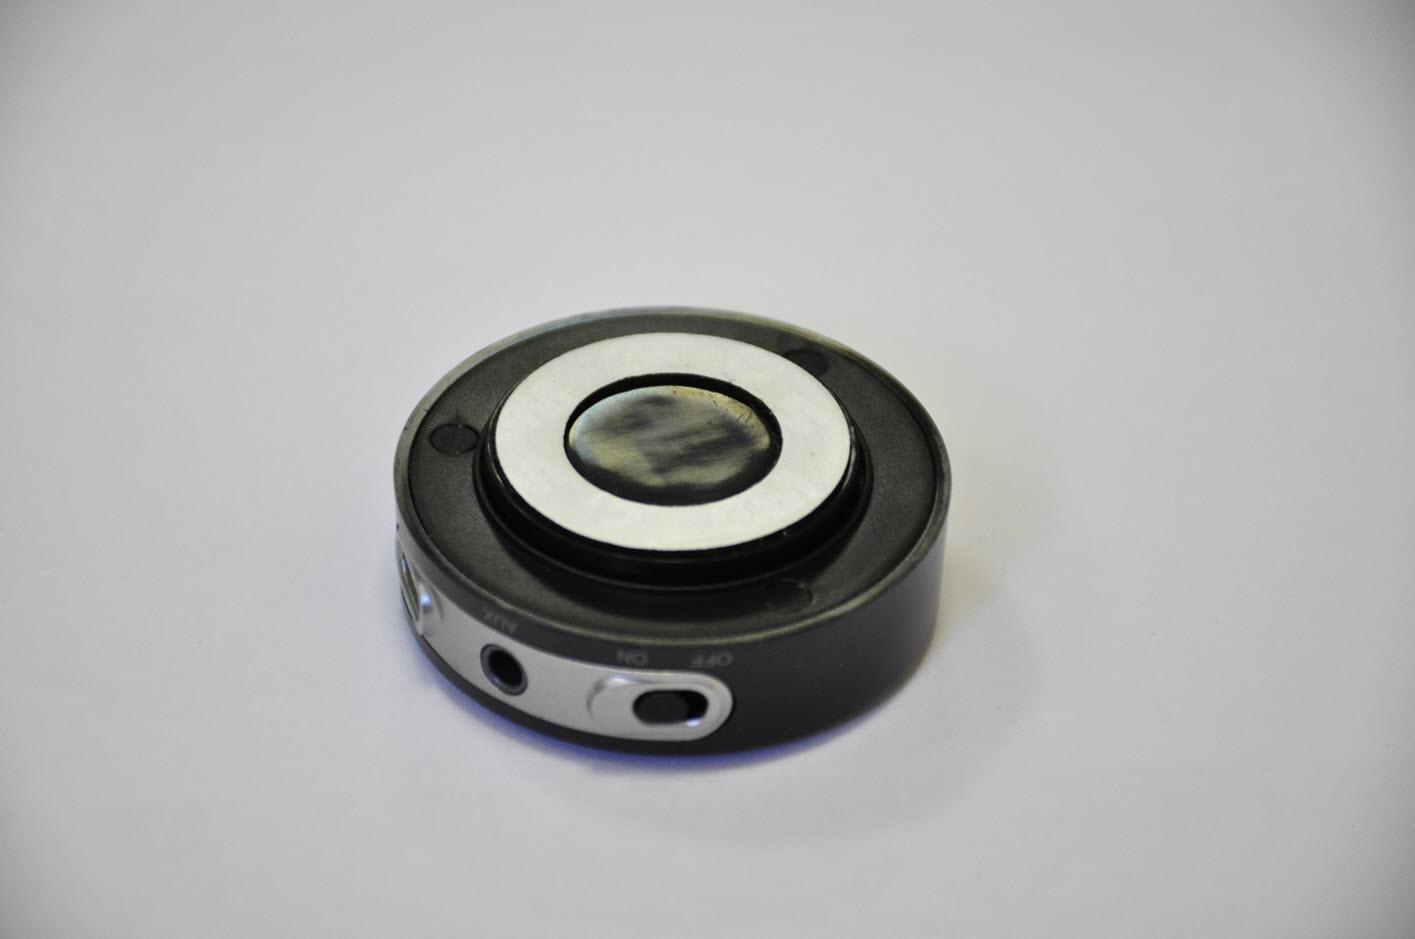 Обзор Bluetooth-ресивера Аудиомост и мысли о качестве передачи аудио по bluetooth в целом - 8